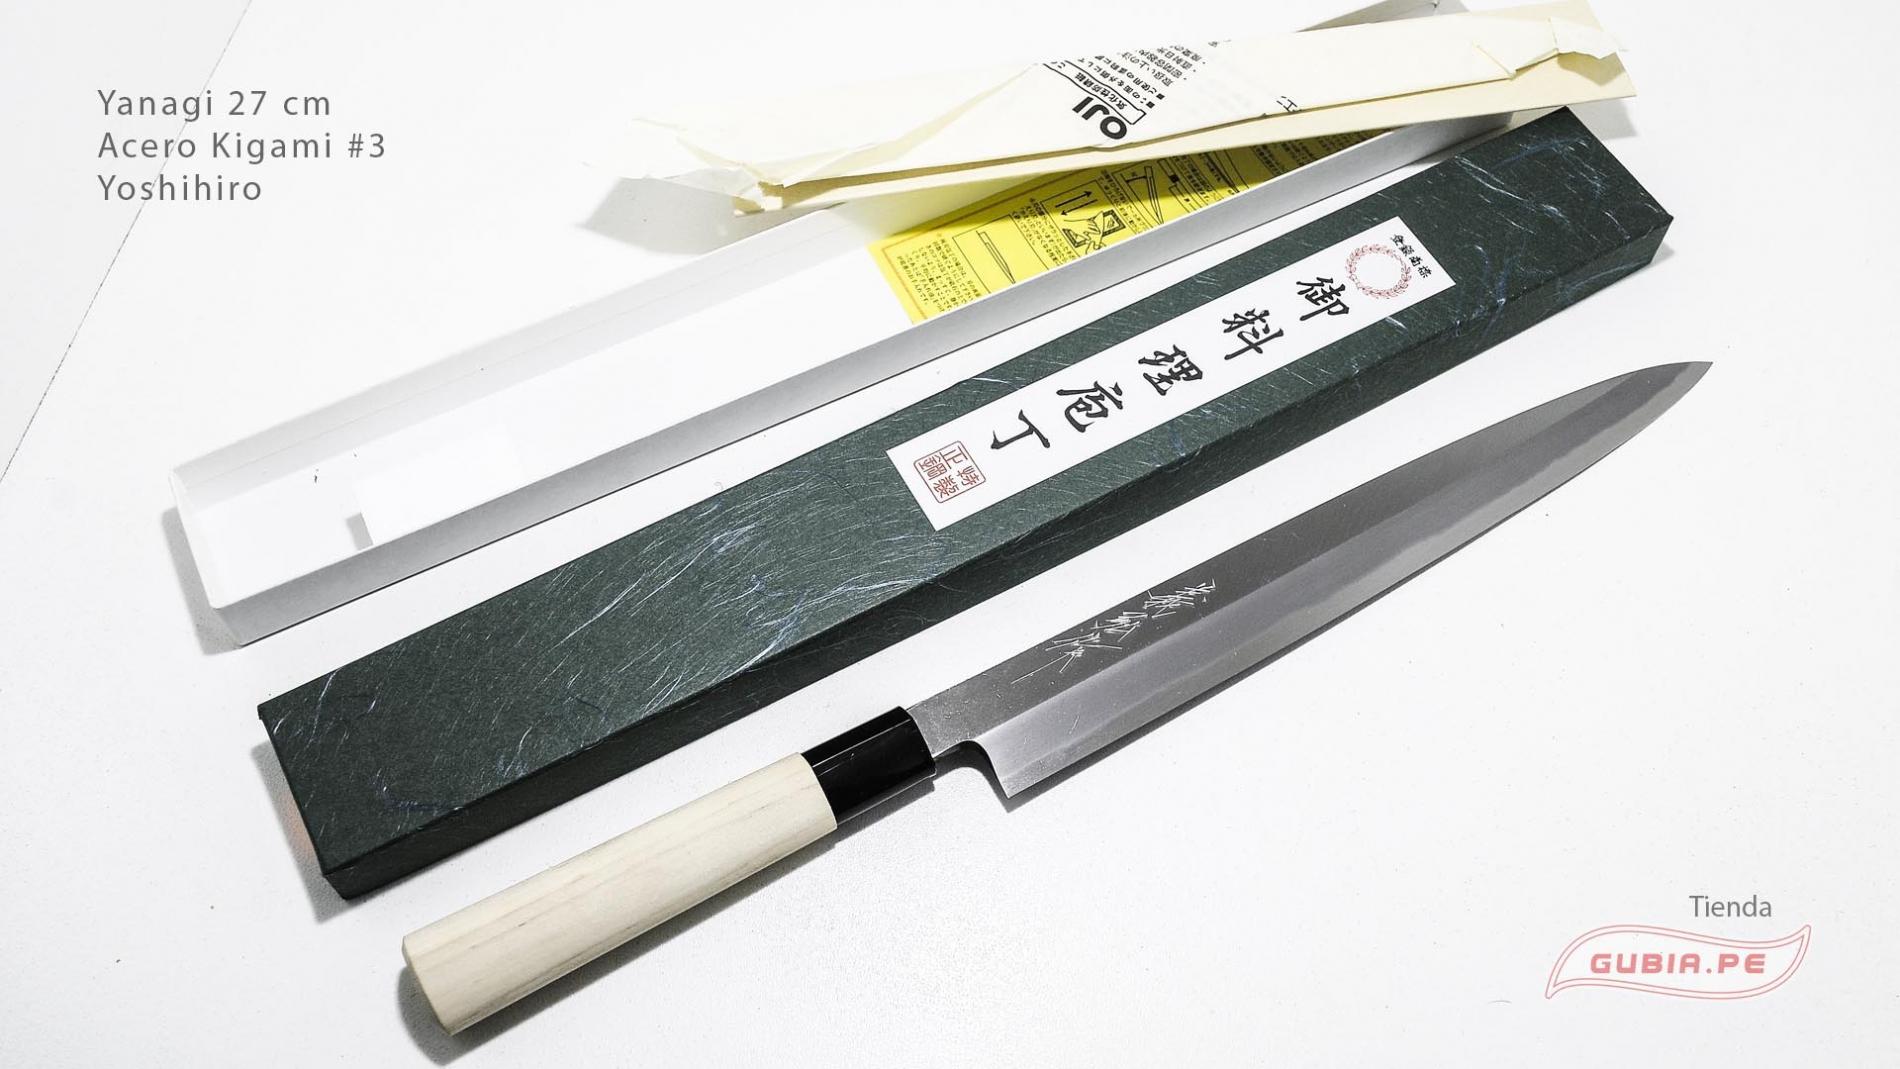 y27k3-Cuchillo Yanagi 27cm acero Kigami #3 Yoshihiro y27k3-max-1.